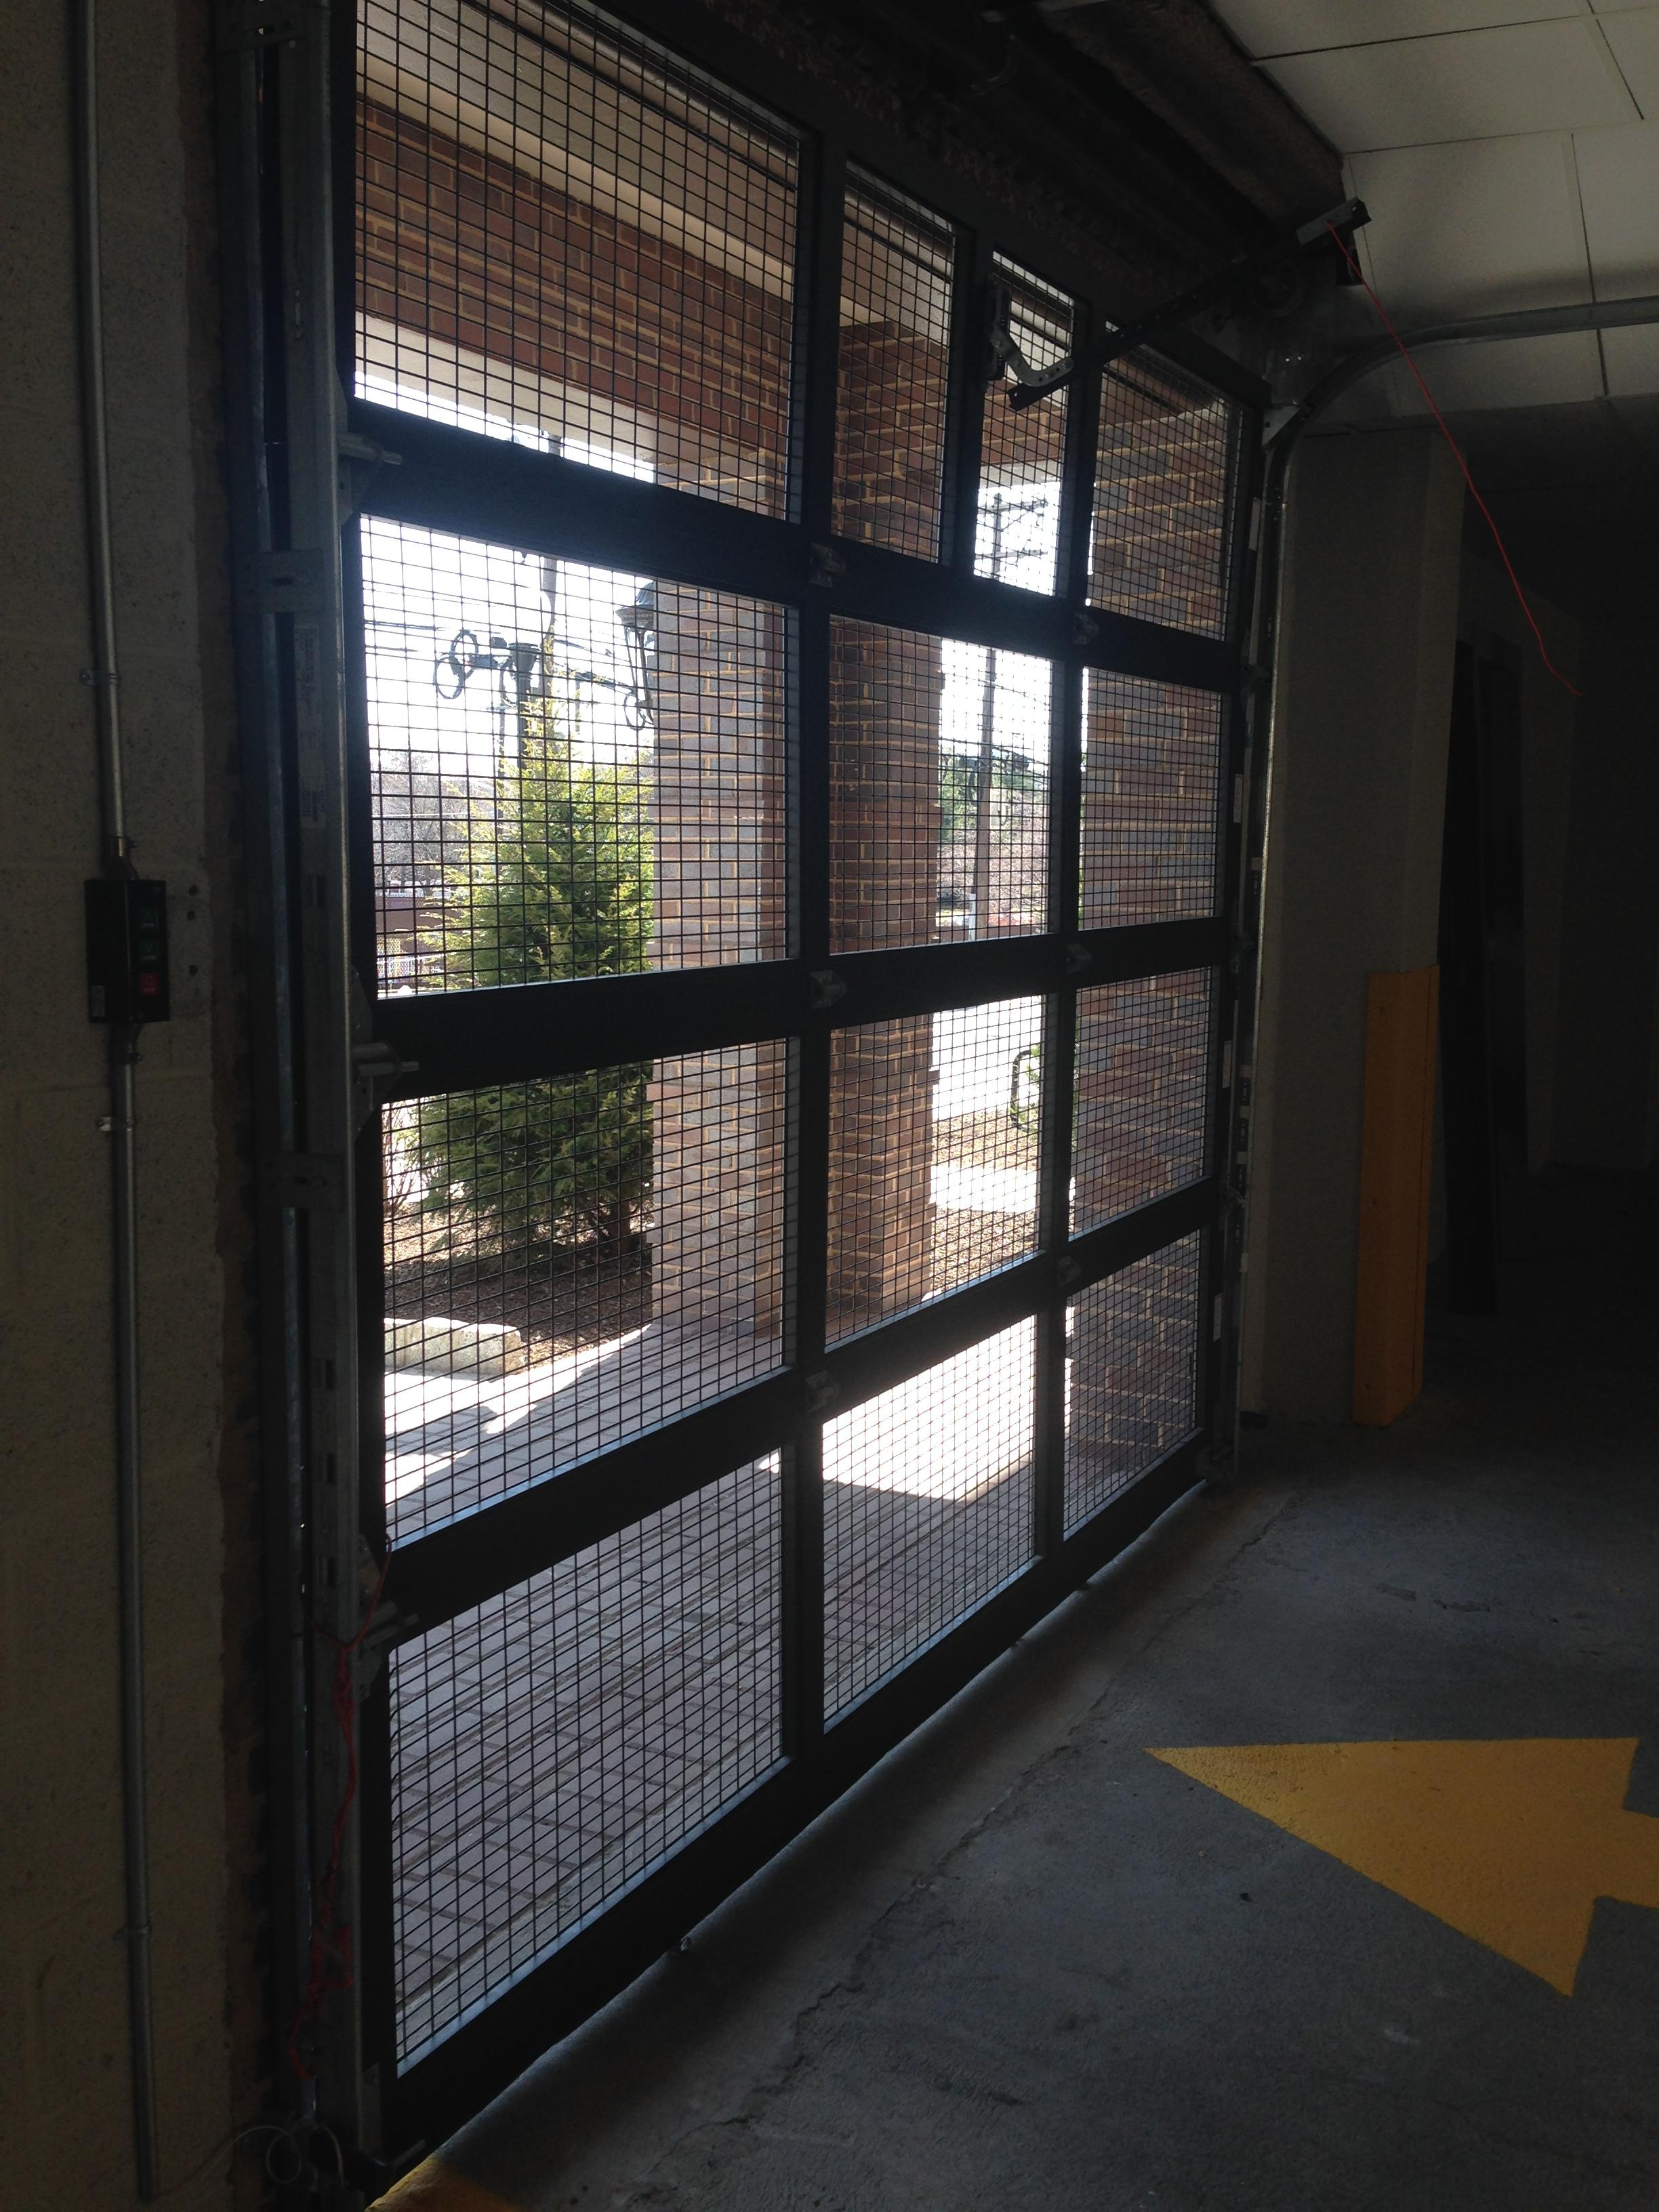 wire-mesh-roll-up-garage-door-new-york-new-jersey.jpg